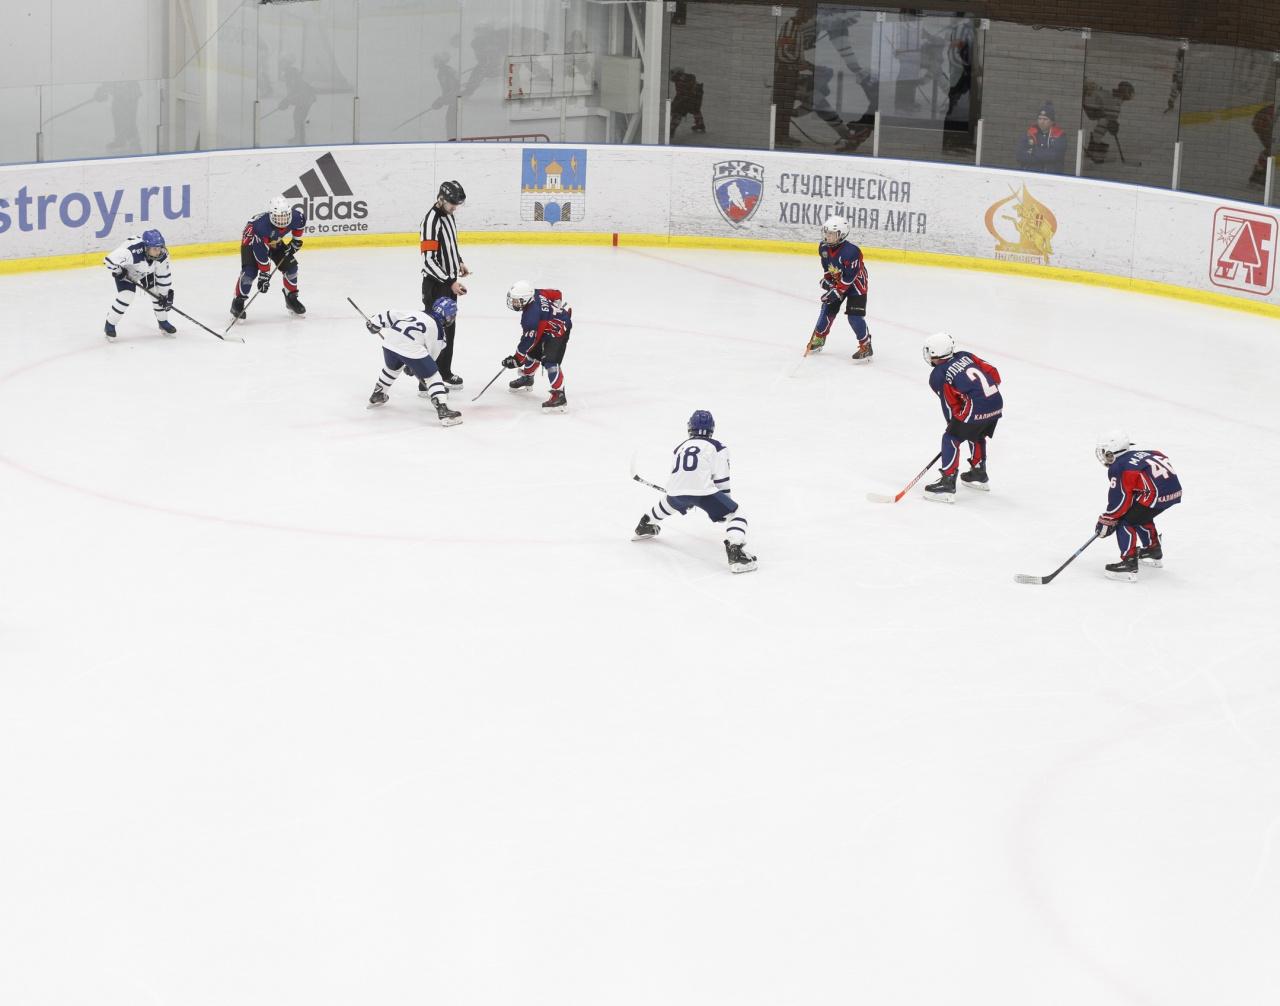 Хоккеисты Янтарной звезды 2008